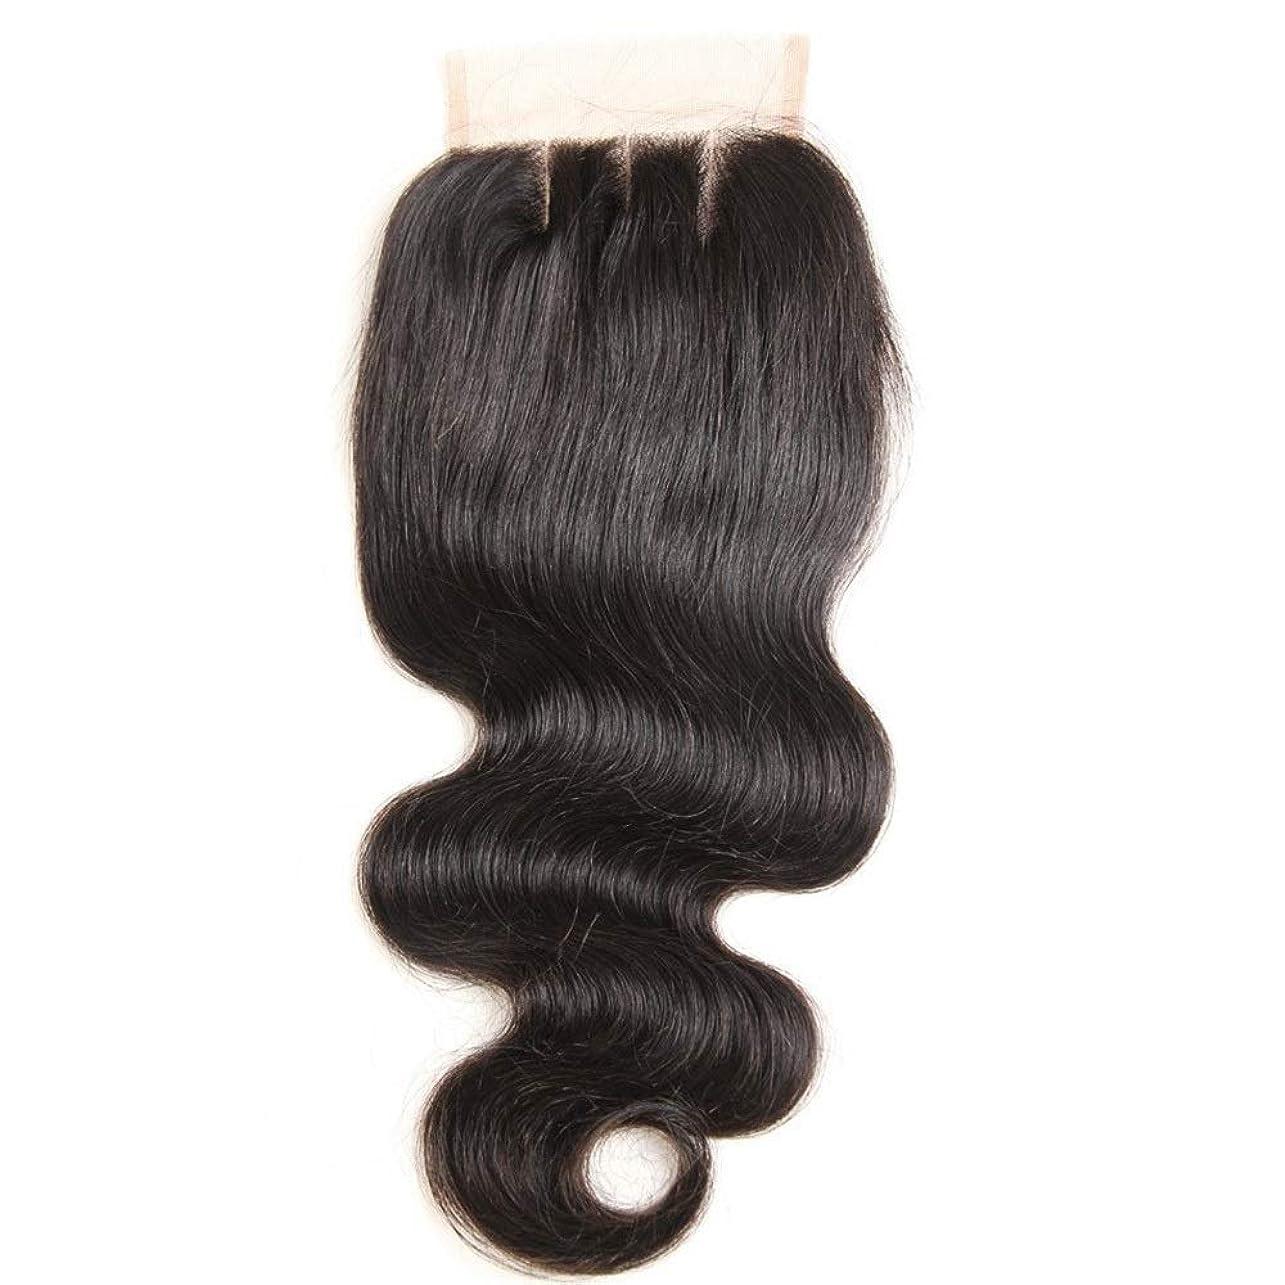 承認香り彼らYrattary 耳に耳の前部閉鎖実体波ブラジルの人間の毛髪4 * 4レース前部閉鎖女性のための3つの部分 (色 : 黒, サイズ : 20 inch)